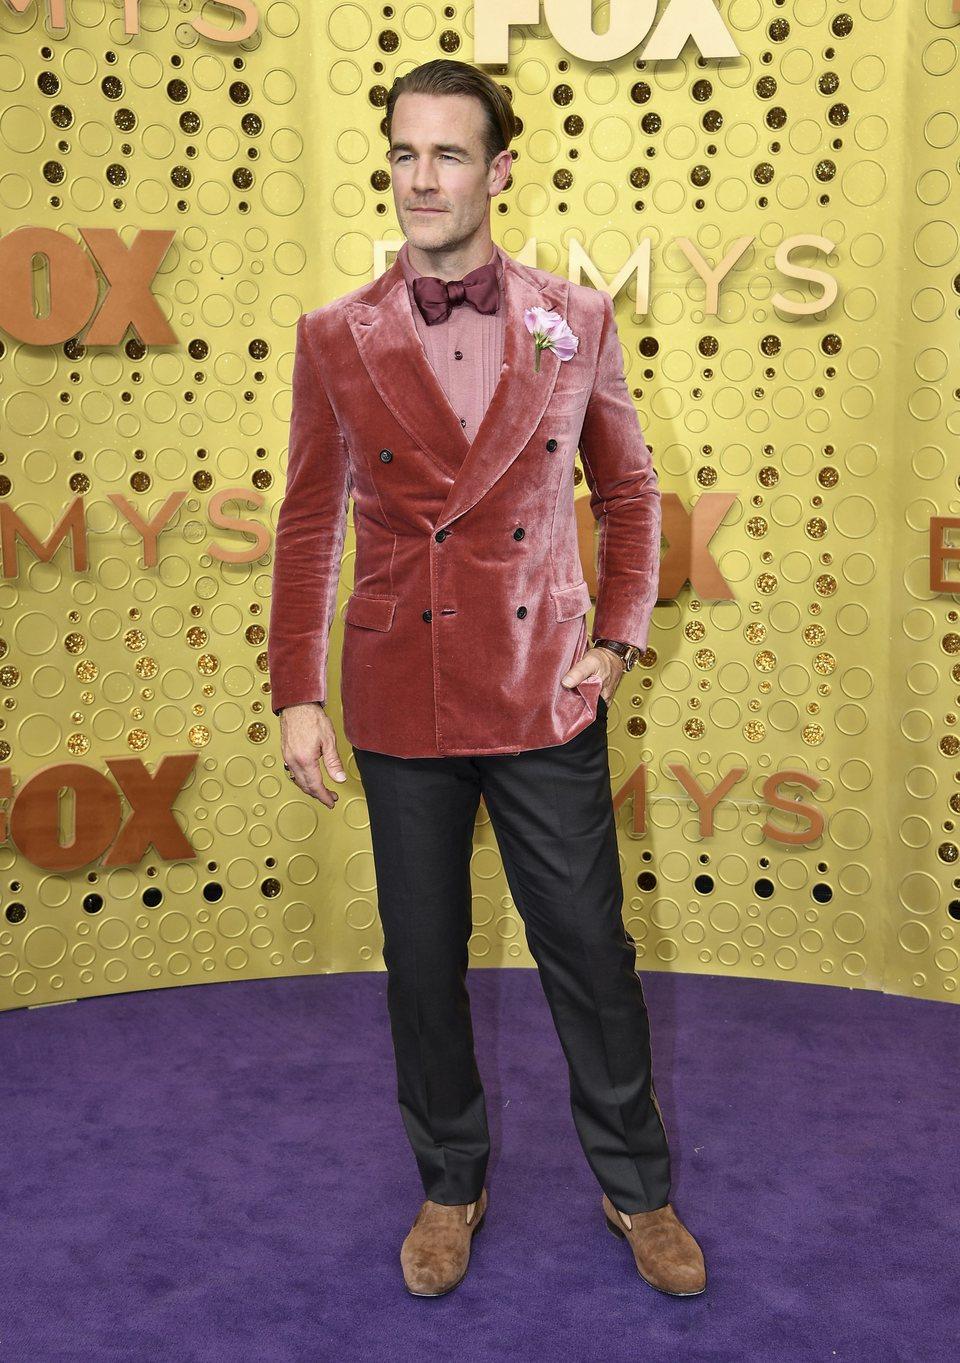 James Van Der Beek arrives at the 71st Primetime Emmy Awards